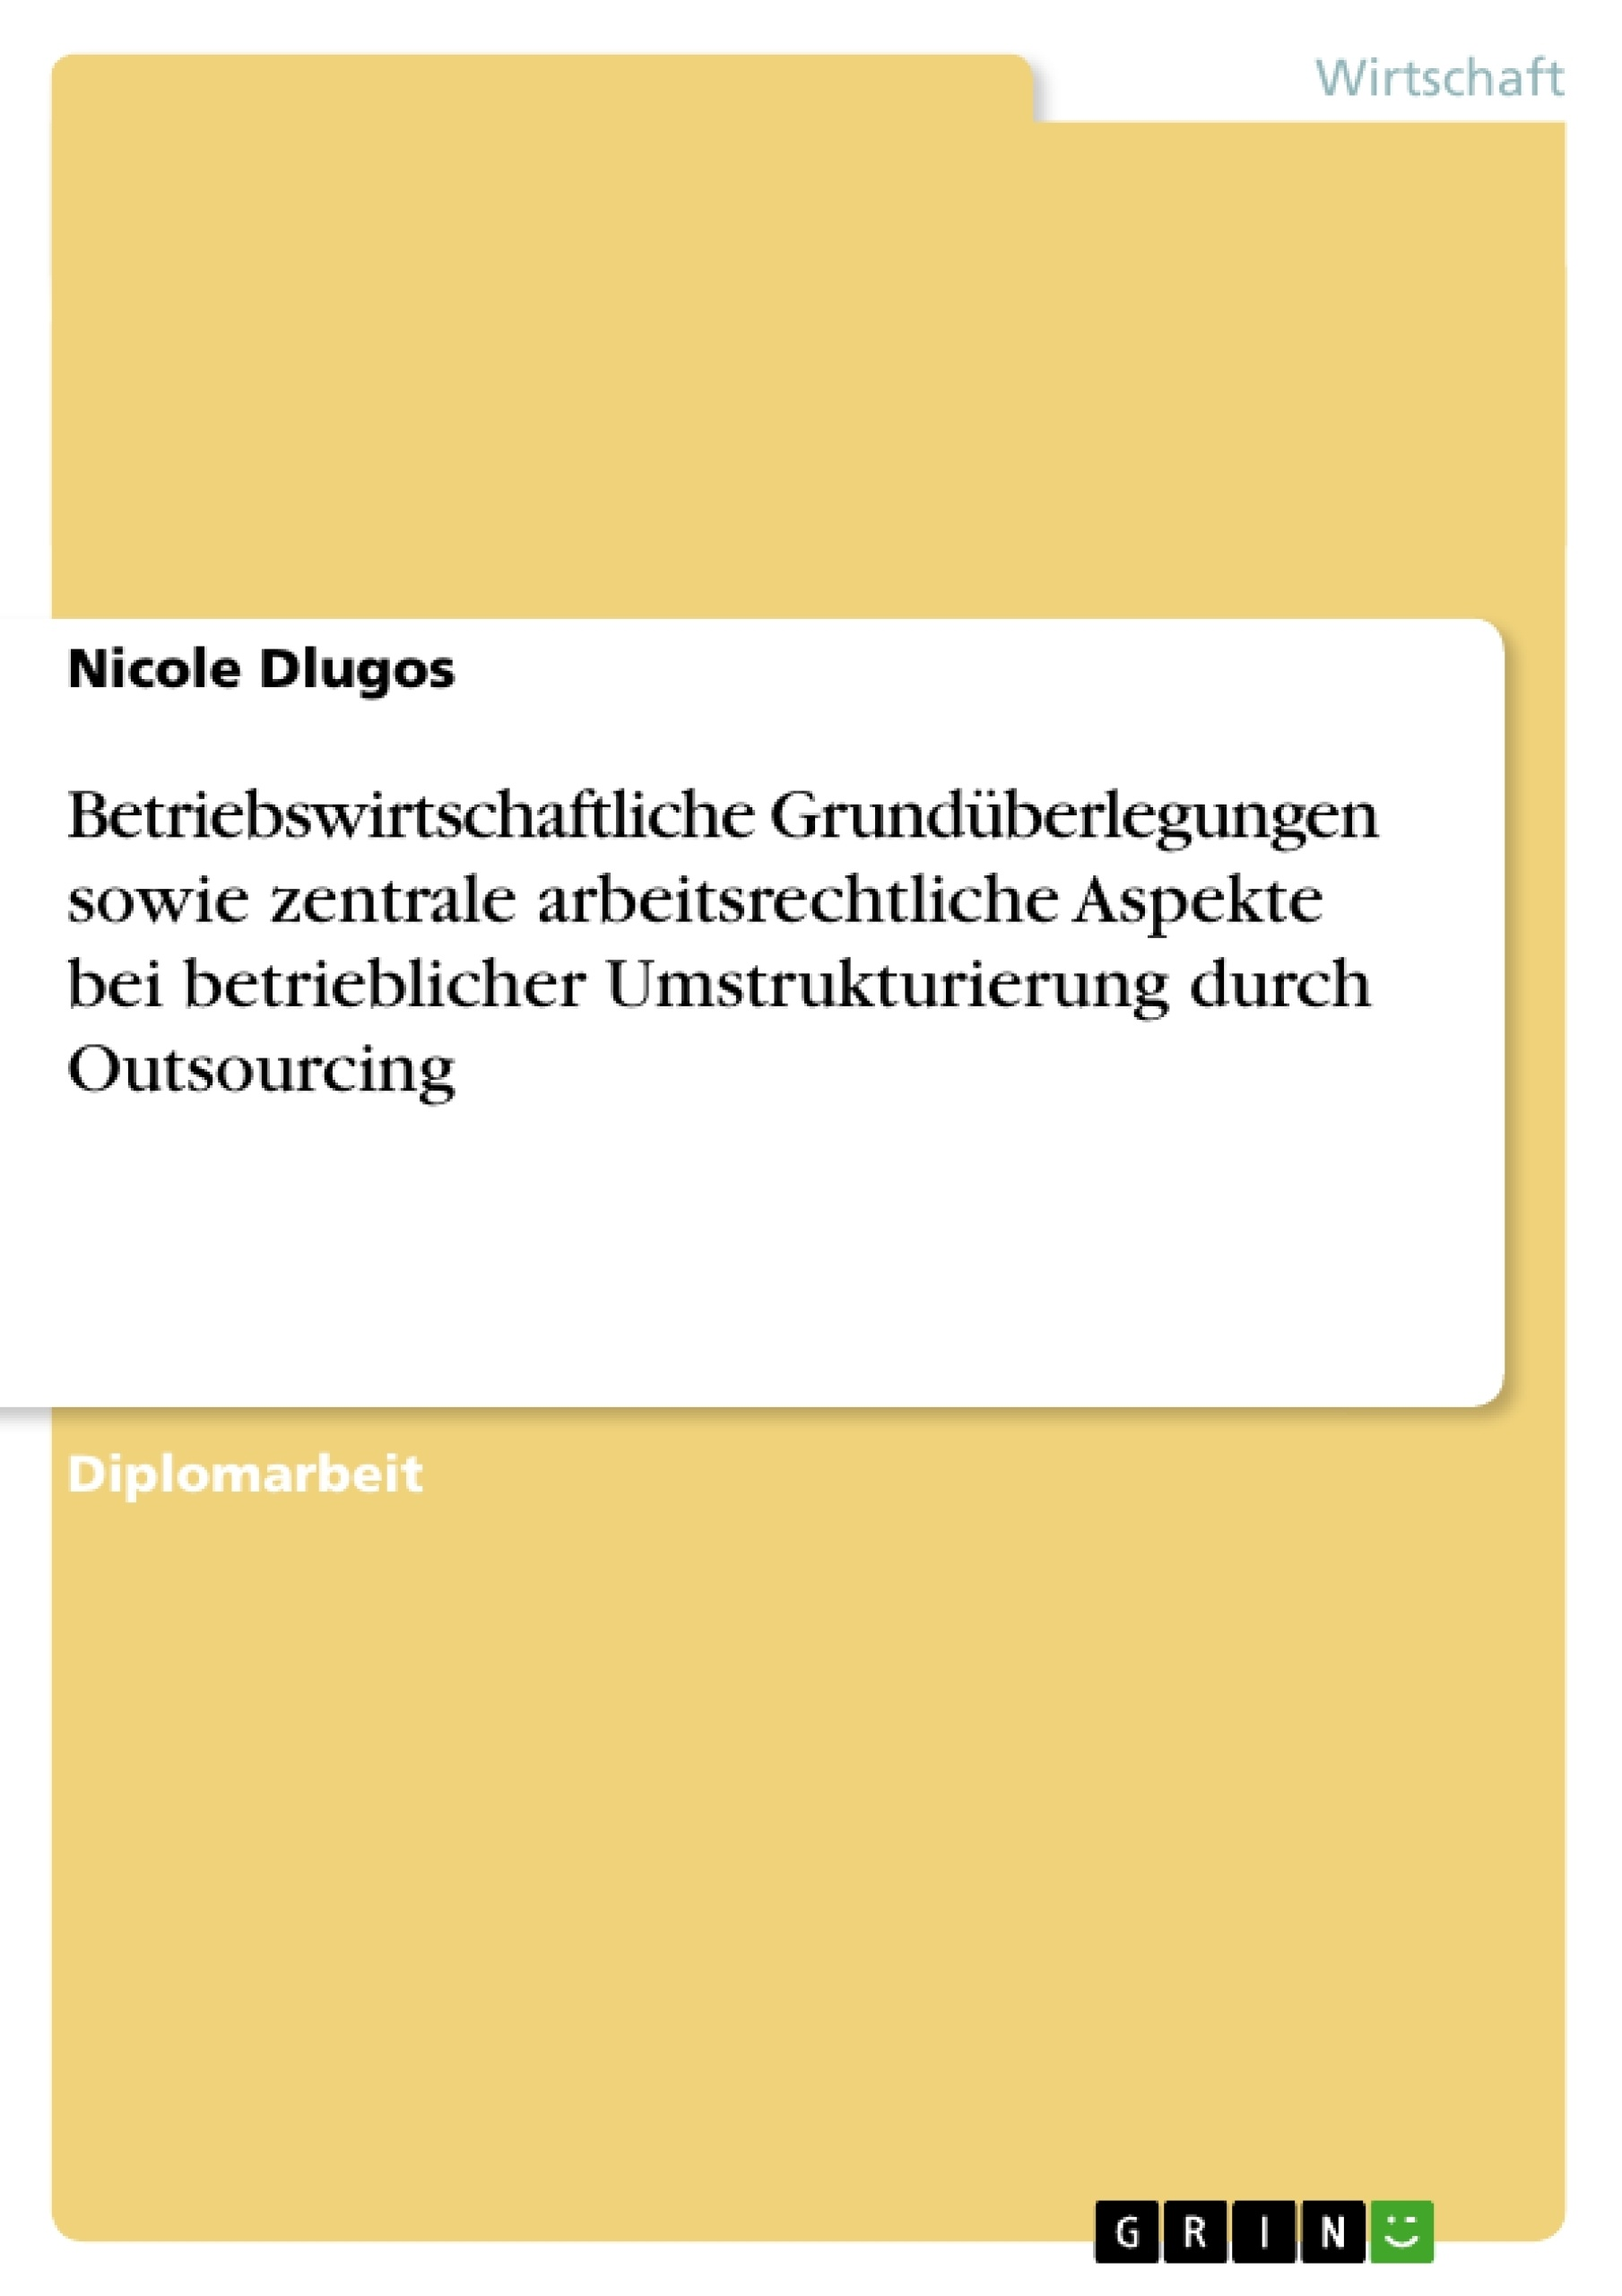 Titel: Betriebswirtschaftliche Grundüberlegungen sowie zentrale arbeitsrechtliche Aspekte bei betrieblicher Umstrukturierung durch Outsourcing